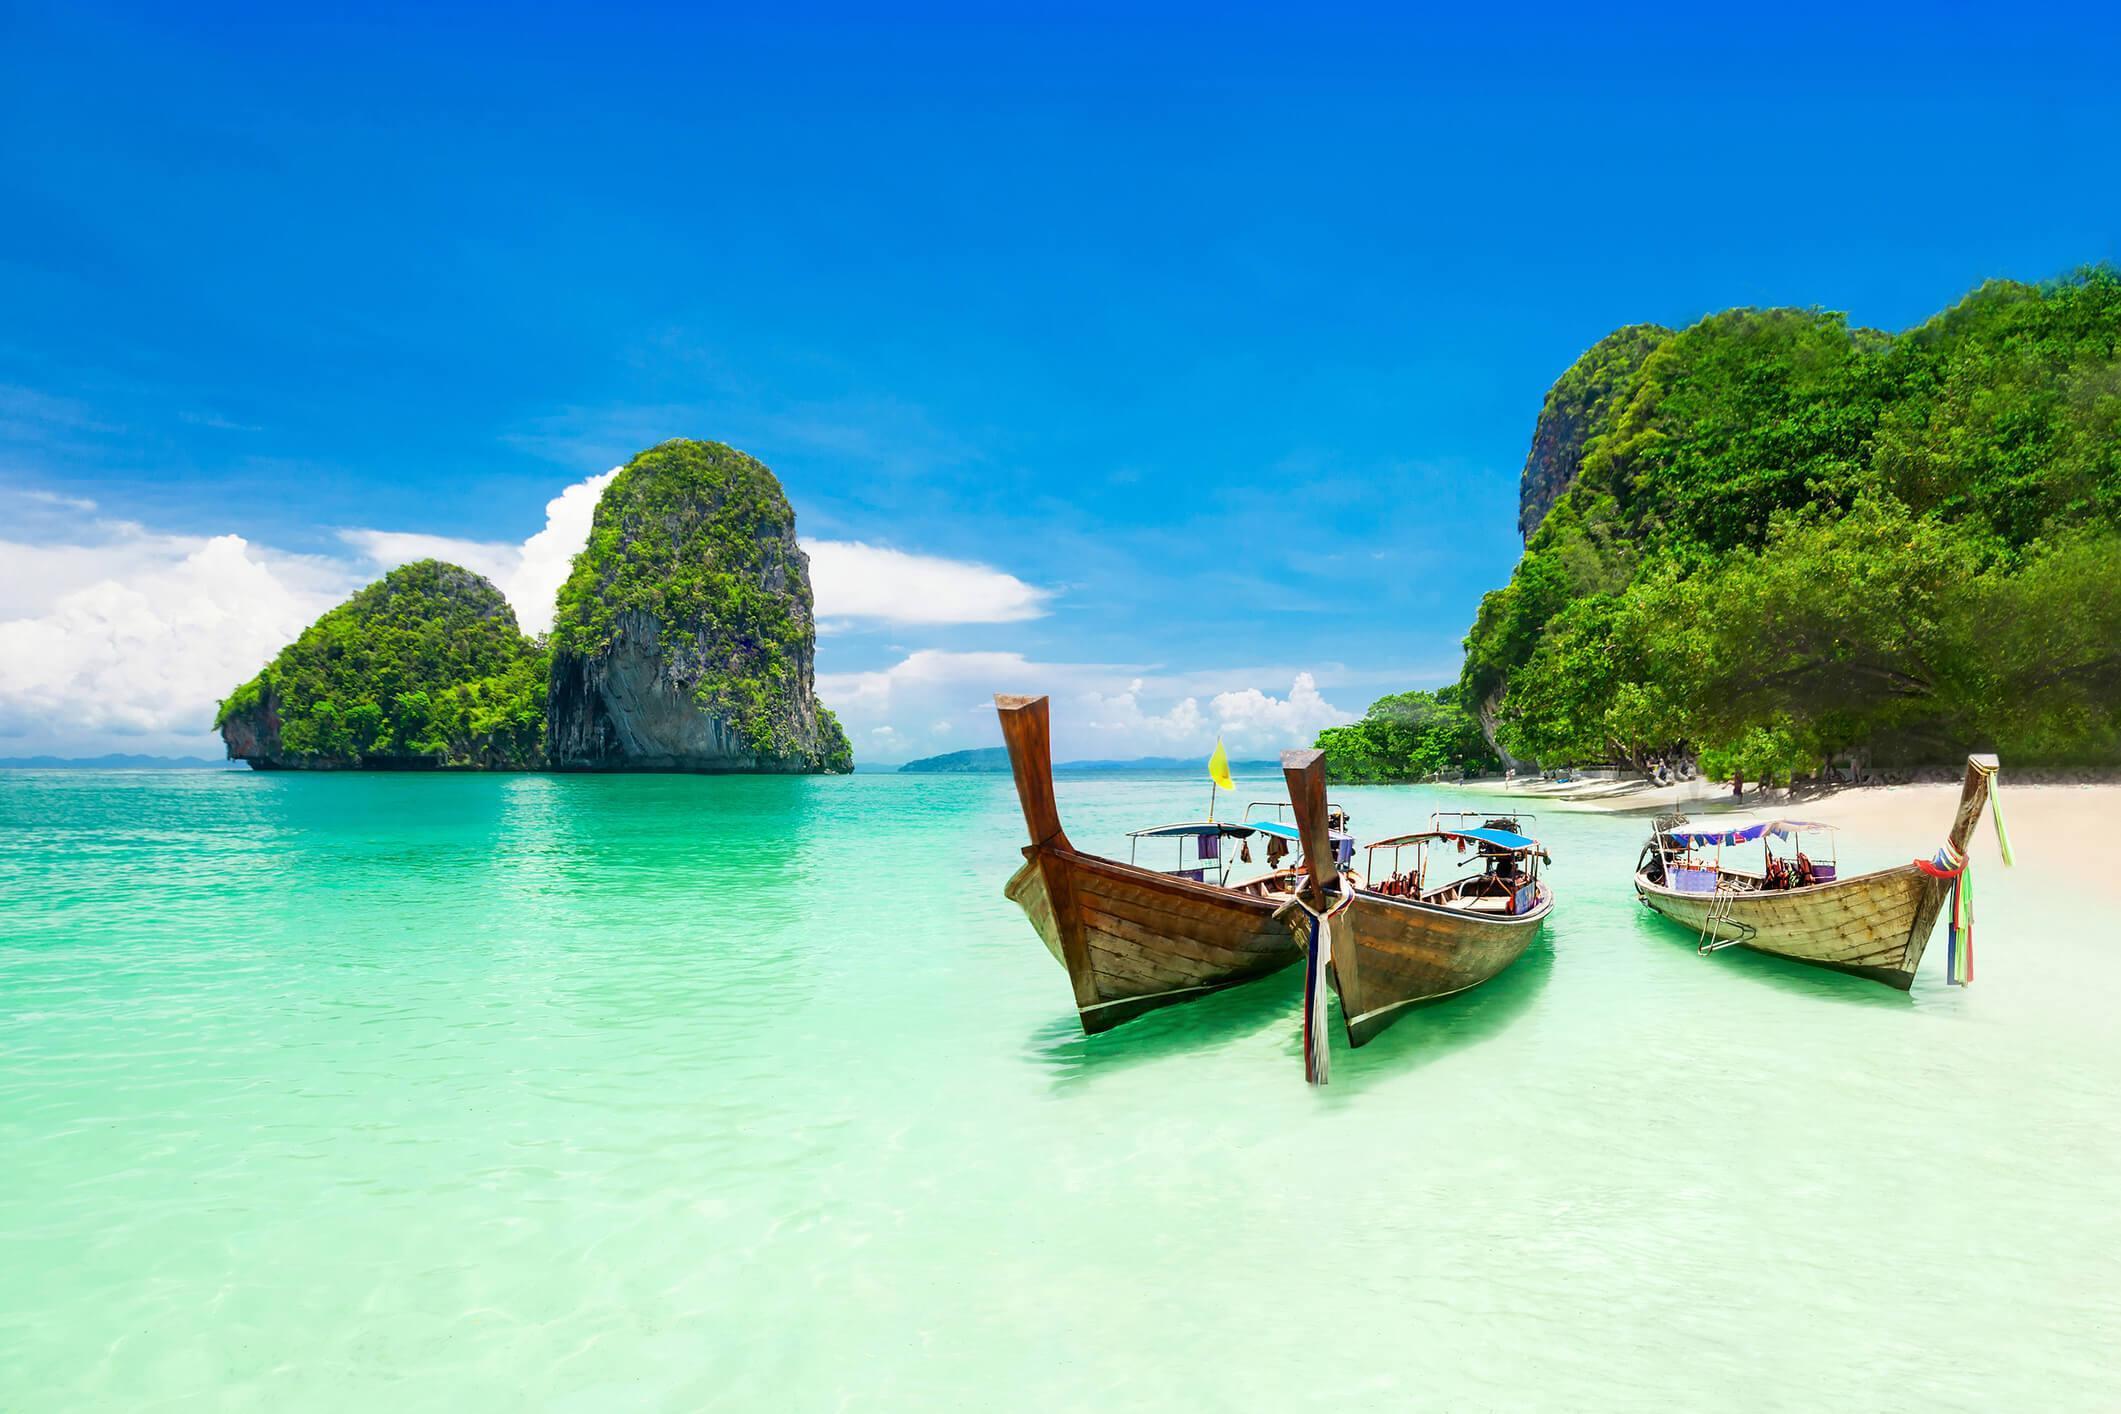 Viajar a Tailandia, Viajes Carrefour